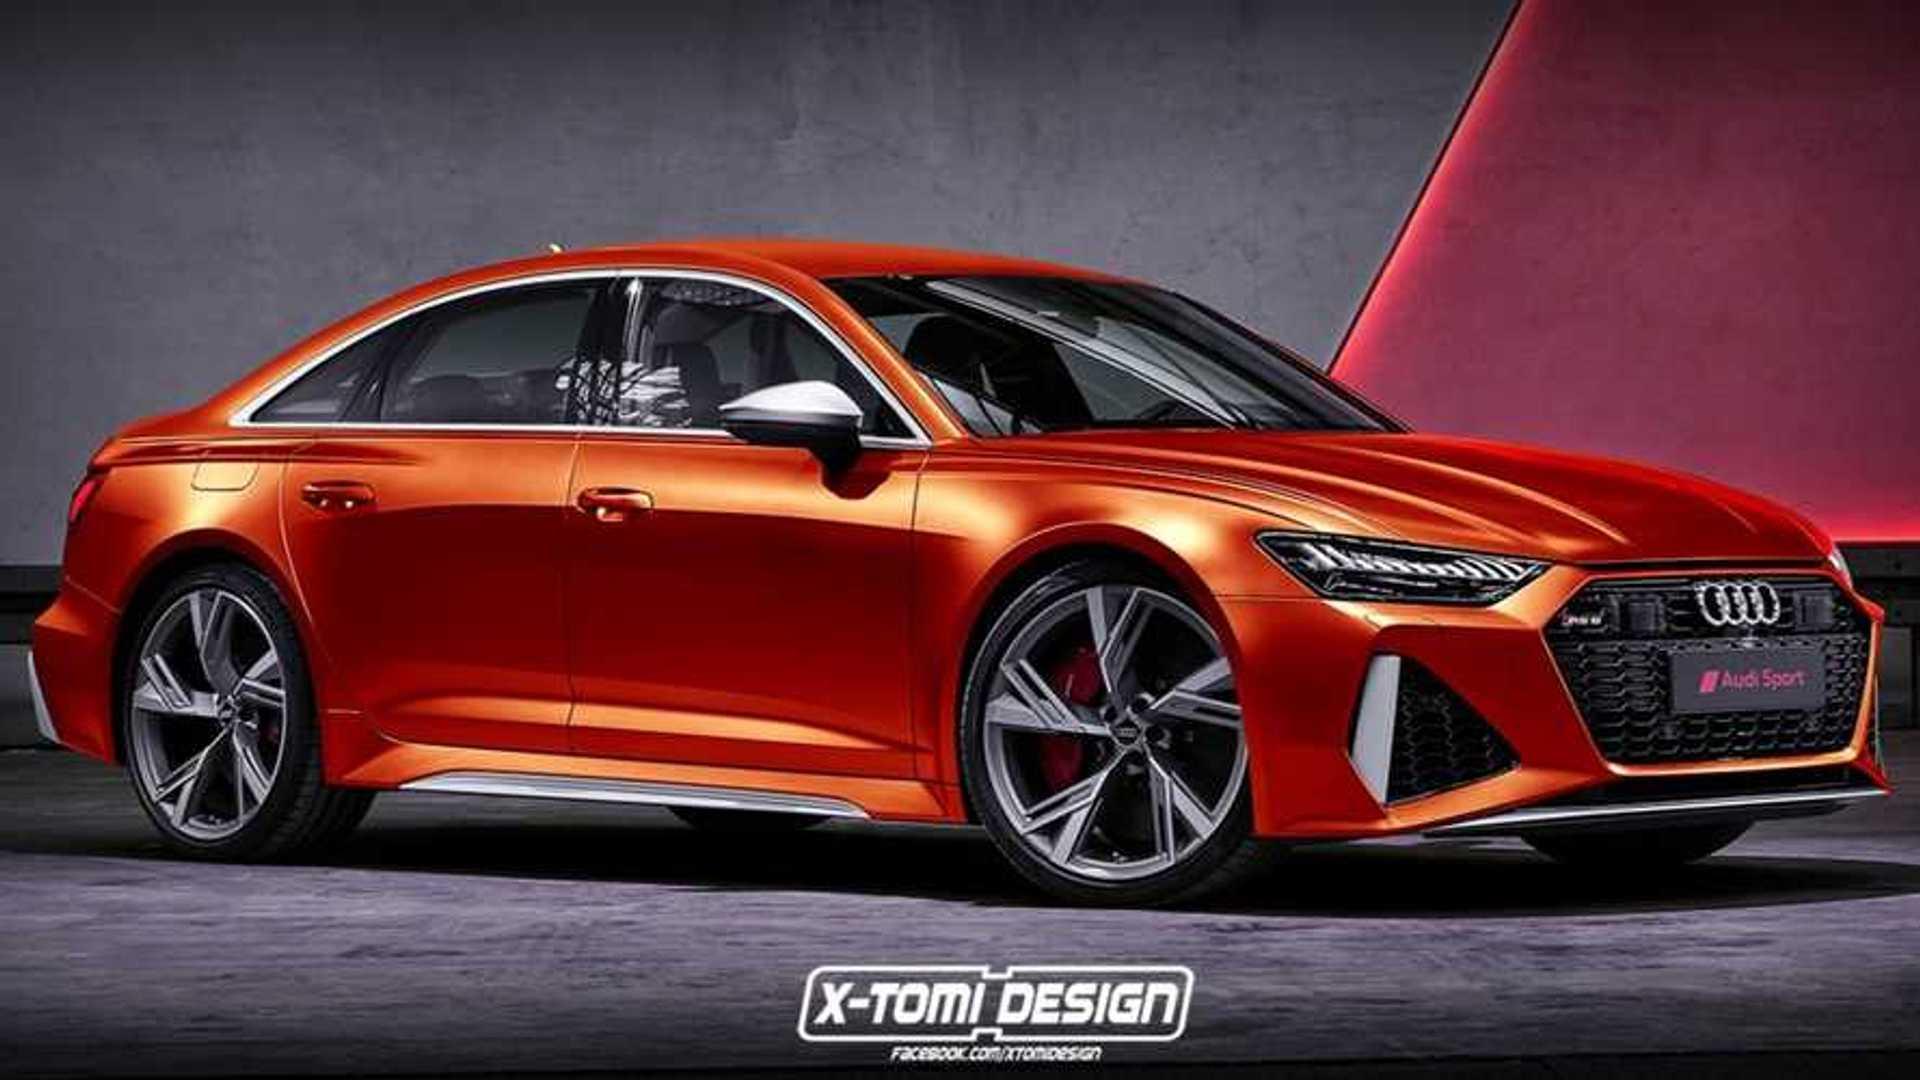 Audi Rs6 Sedan Rendering Imagines The Bmw M5 Rival